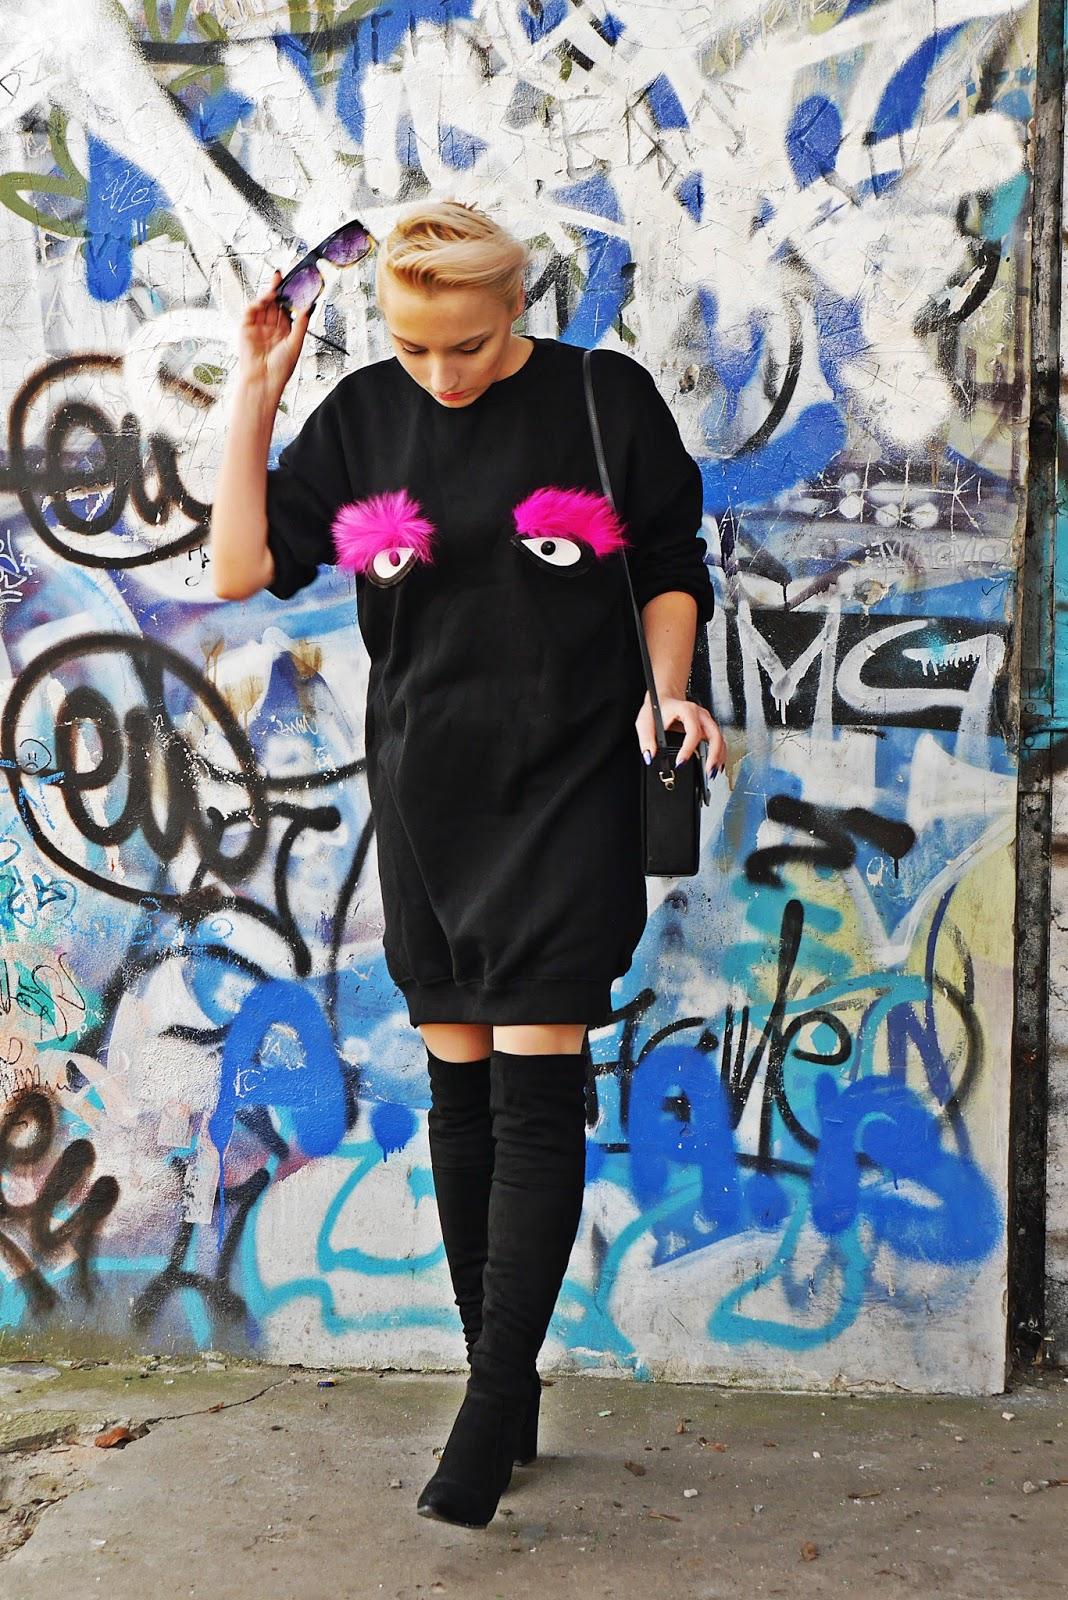 czarna_dluga_bluza_sukienka_oczy_karyn_blog_modowy_090217ab